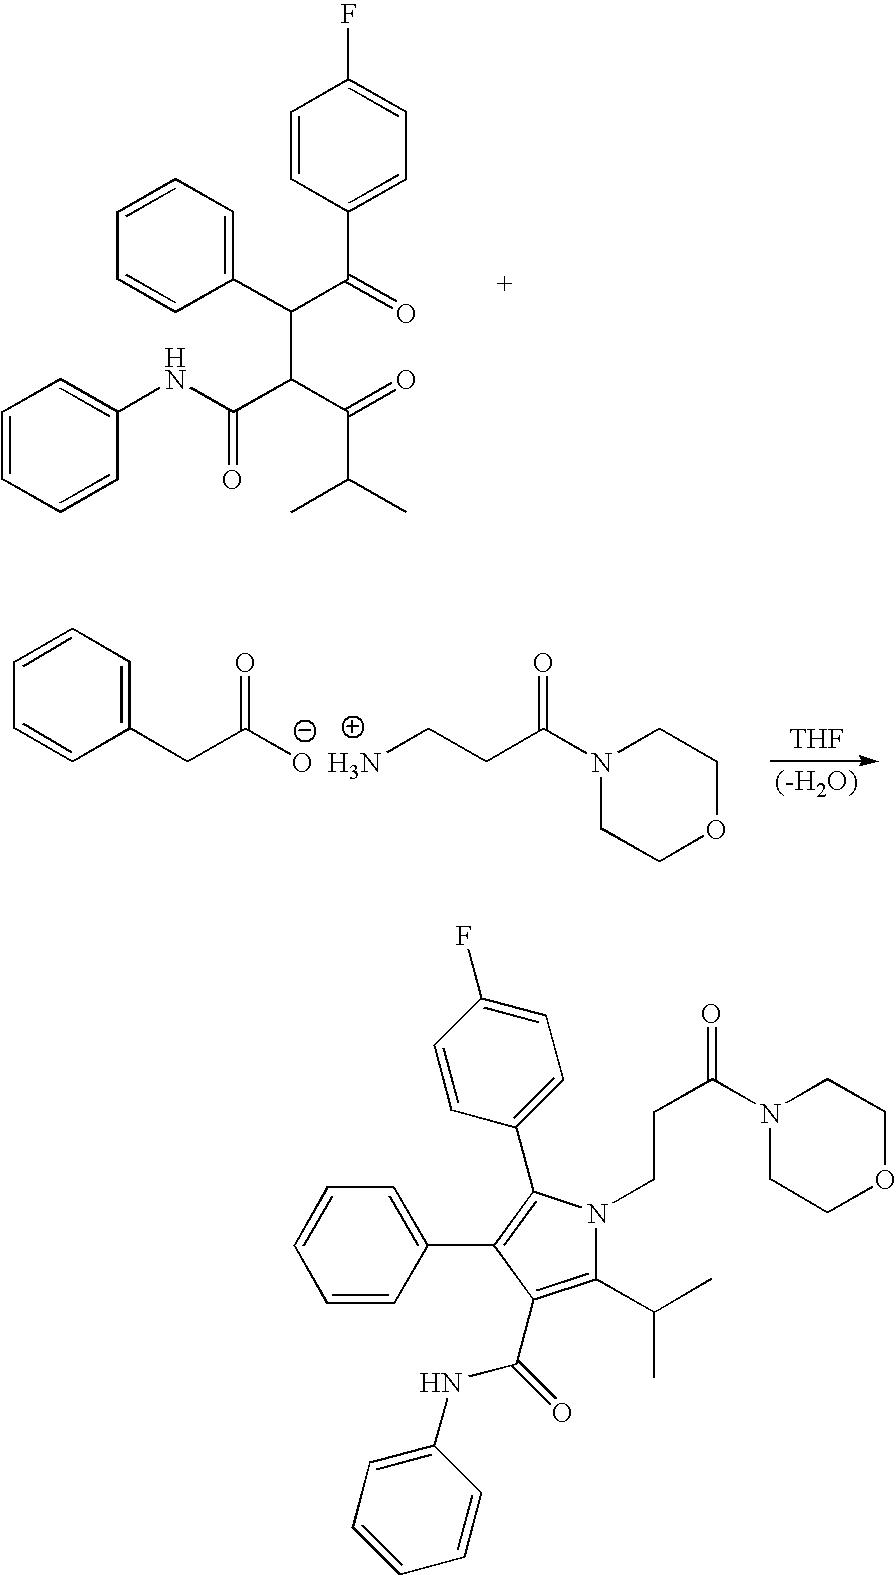 Figure US20070032662A1-20070208-C00054